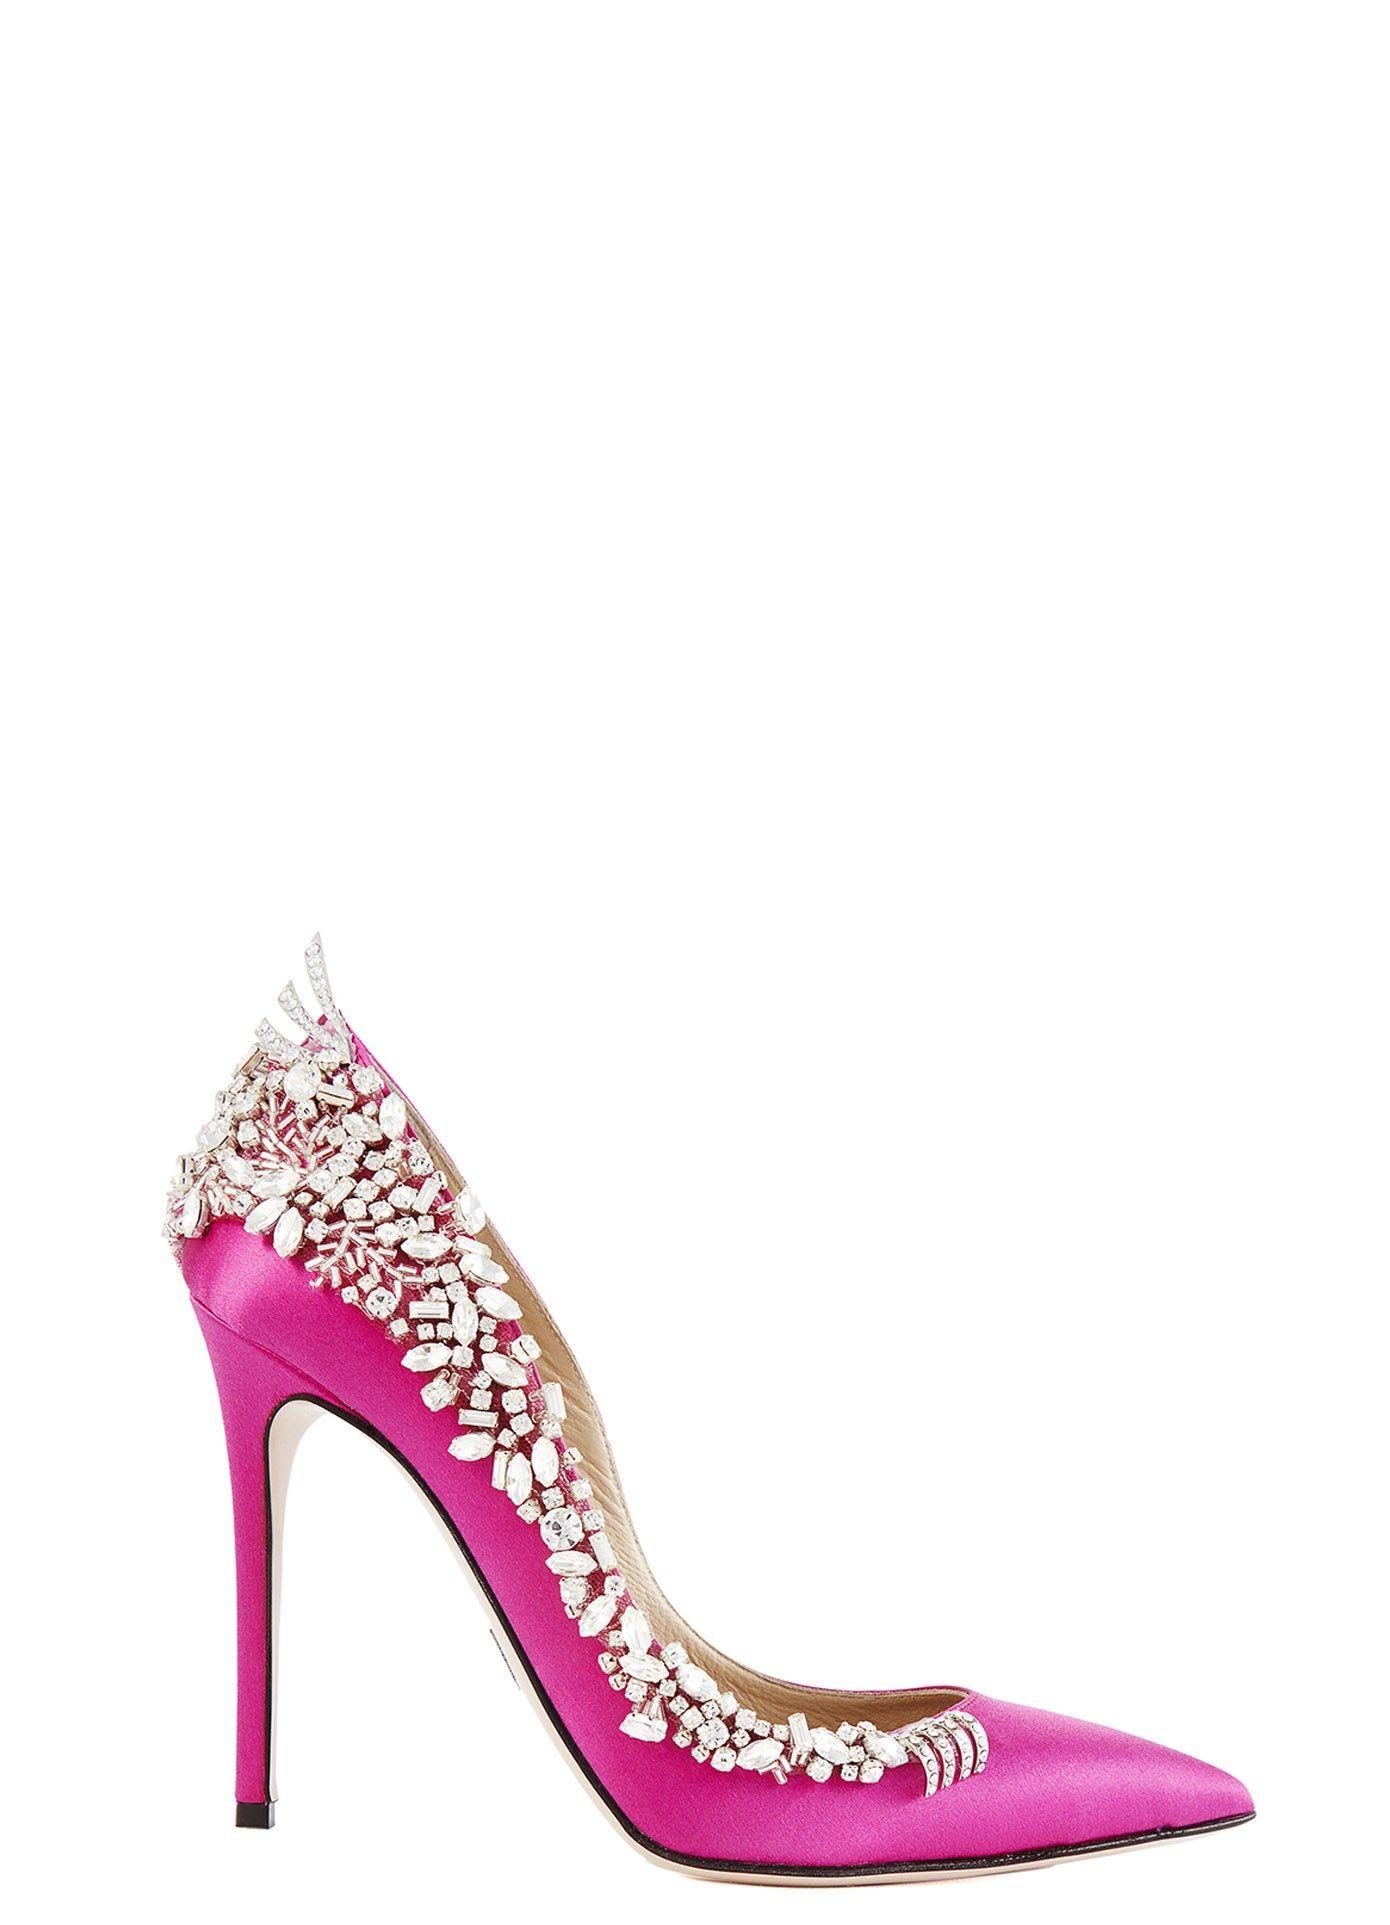 Red dress shoes for wedding  Zuhair Murad  The Little Glass Slipper  Pinterest  Zuhair murad